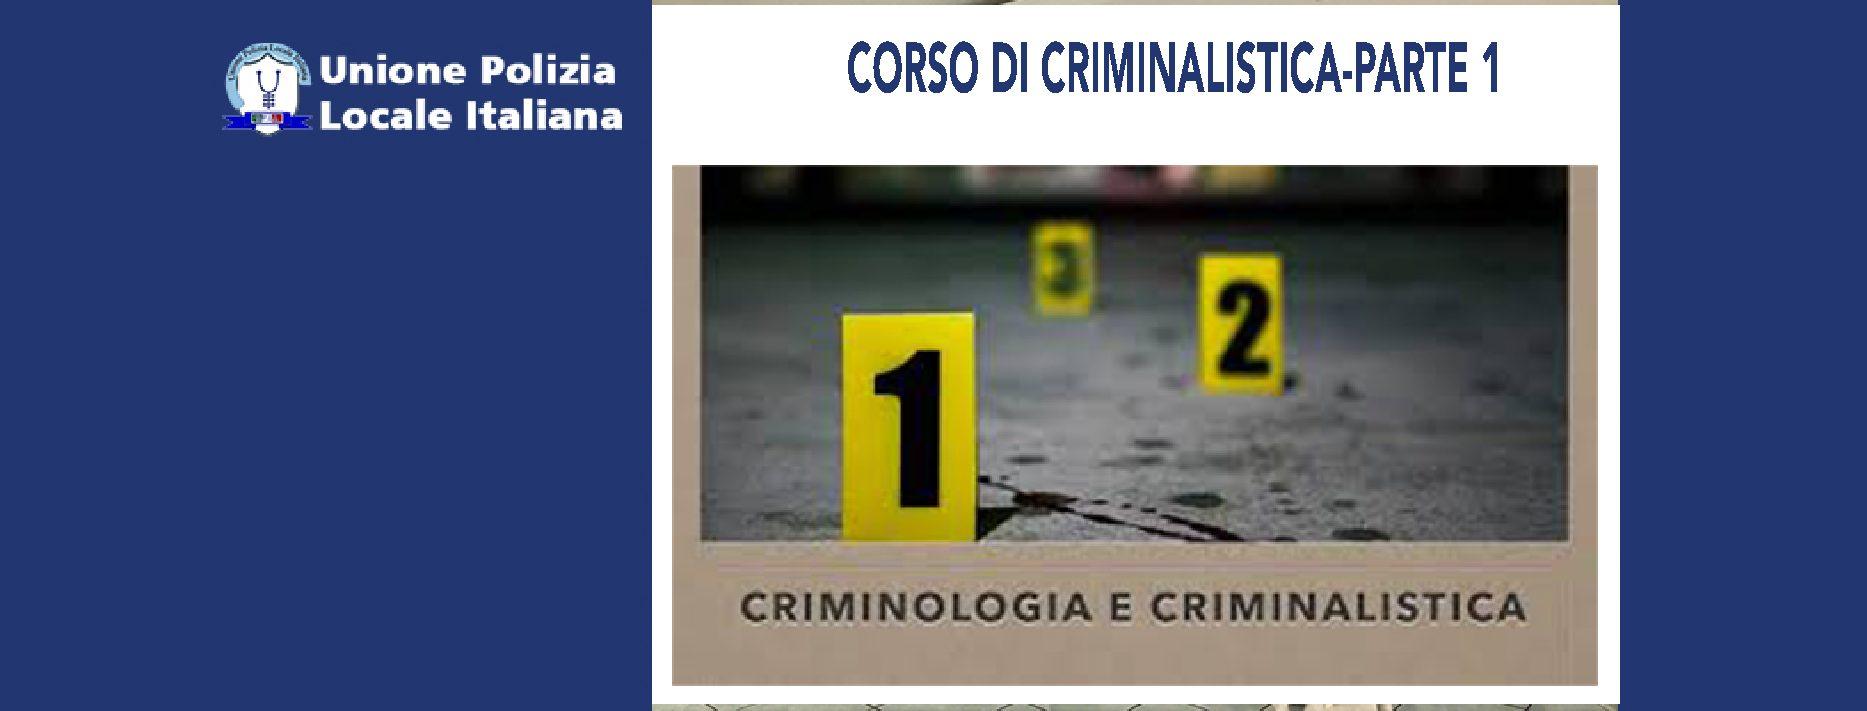 CORSO DI CRIMINALISTICA-PARTE 1